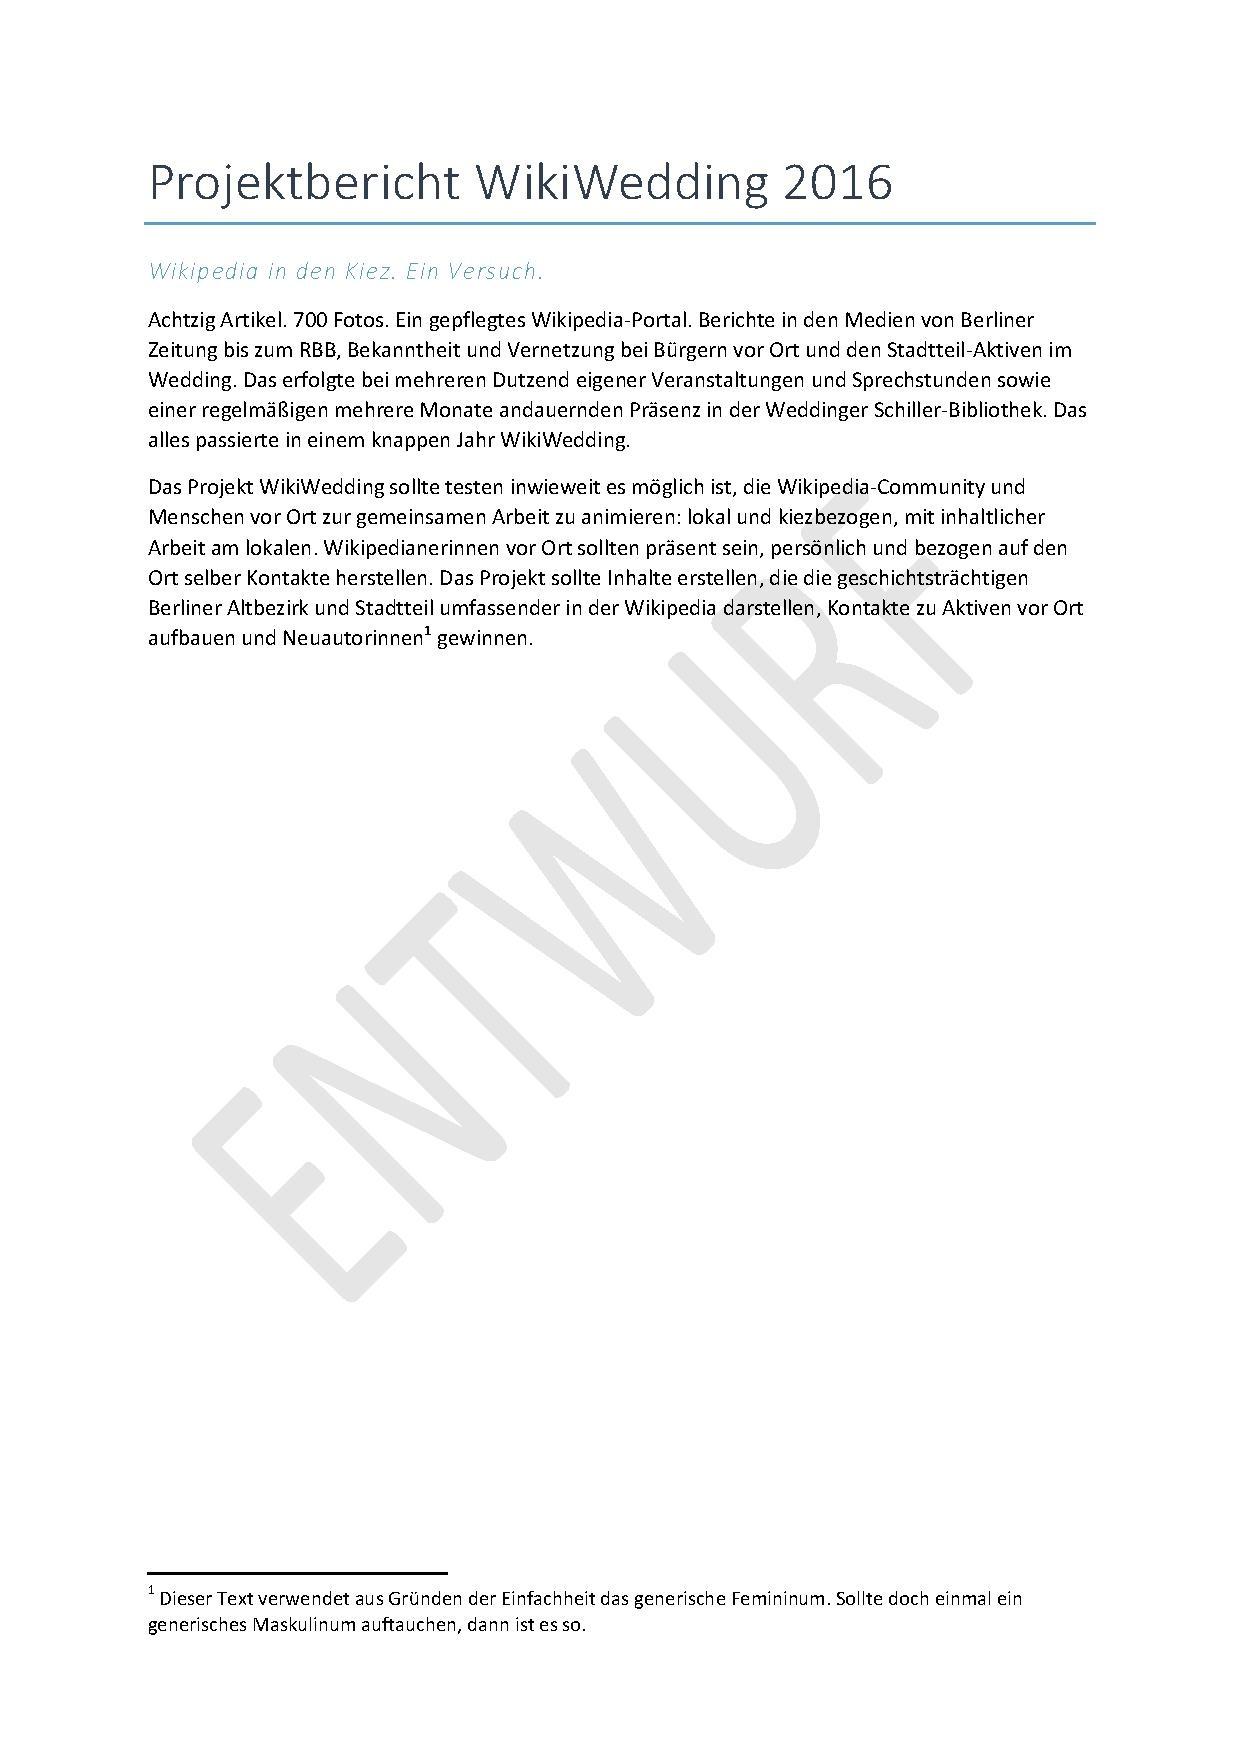 File:ENTWURF Projektbericht WikiWedding 2016 ENTWURF.pdf - Wikimedia ...